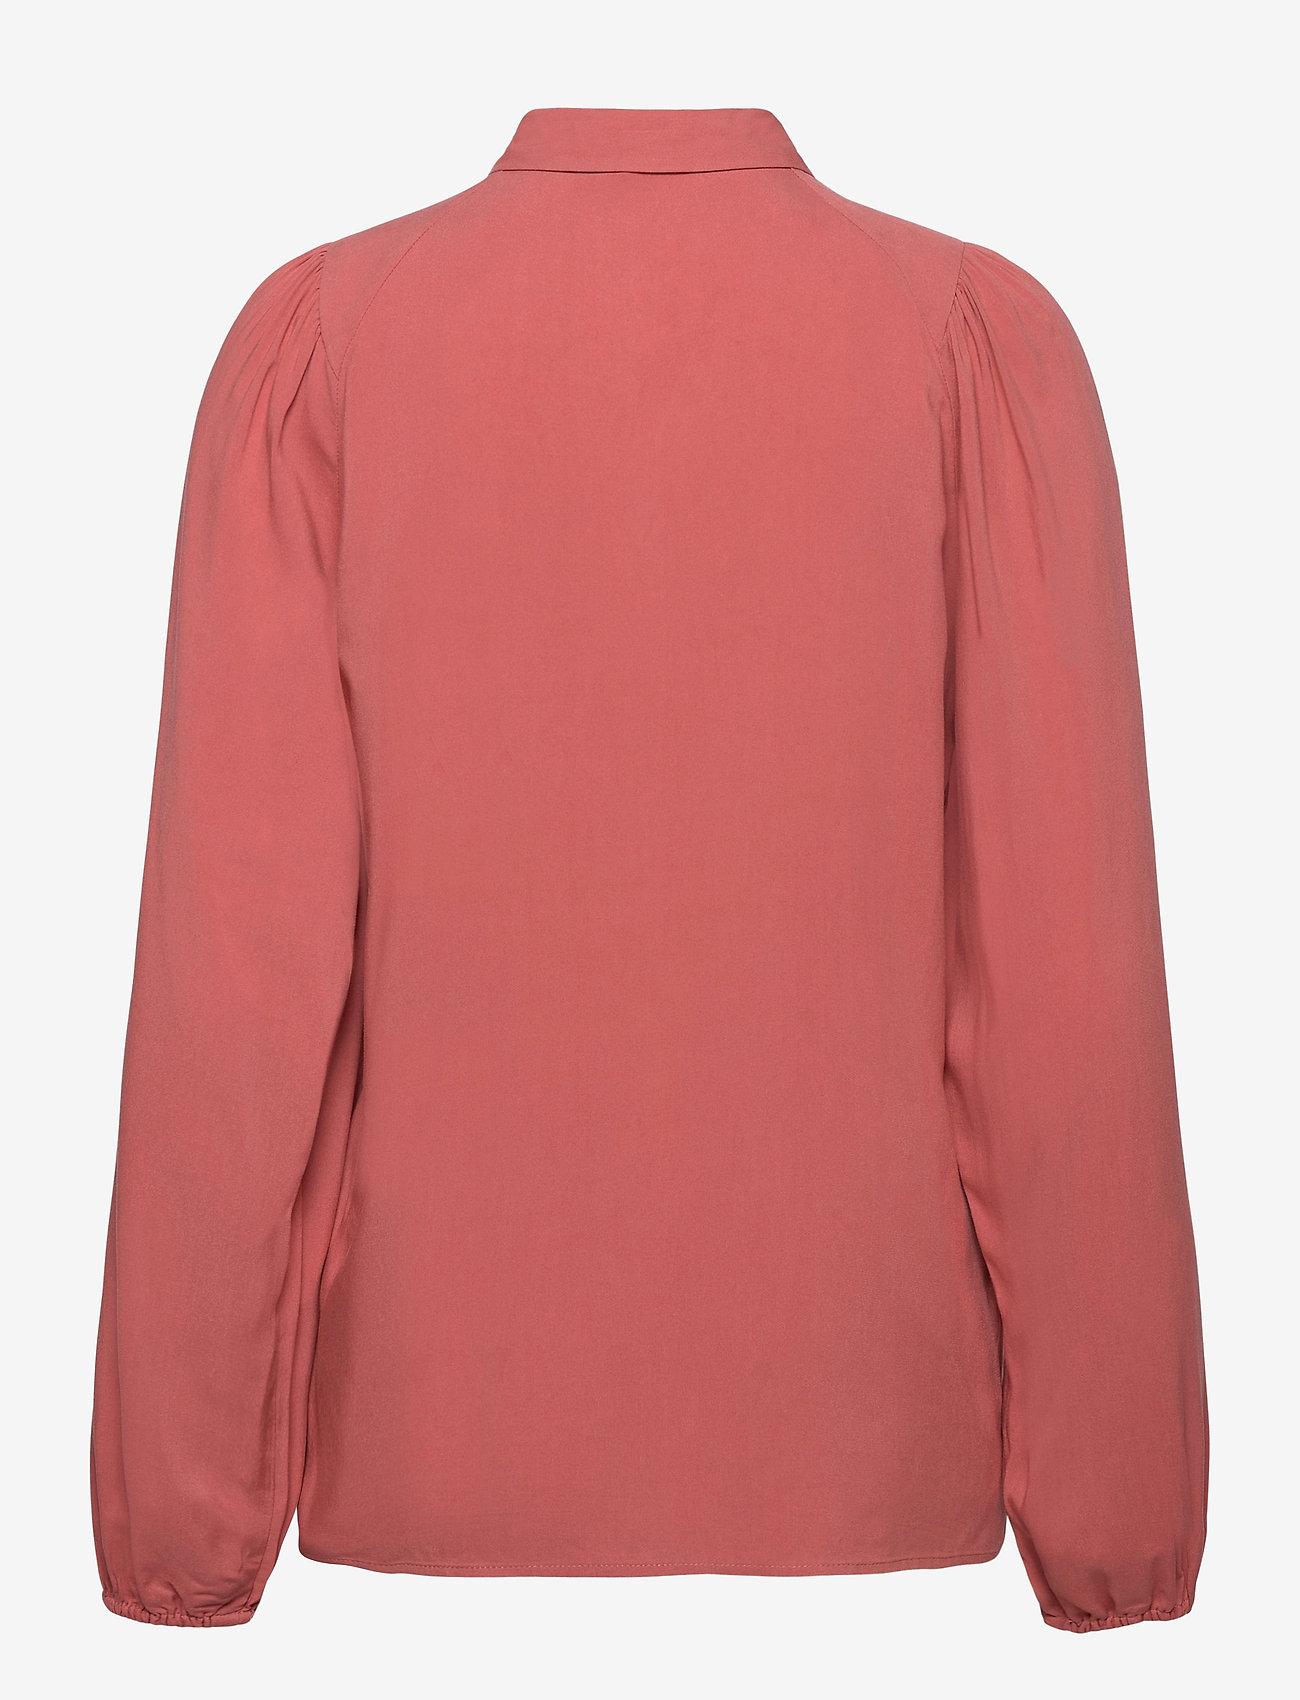 Soyaconcept - SC-RADIA - long sleeved blouses - sierra - 1